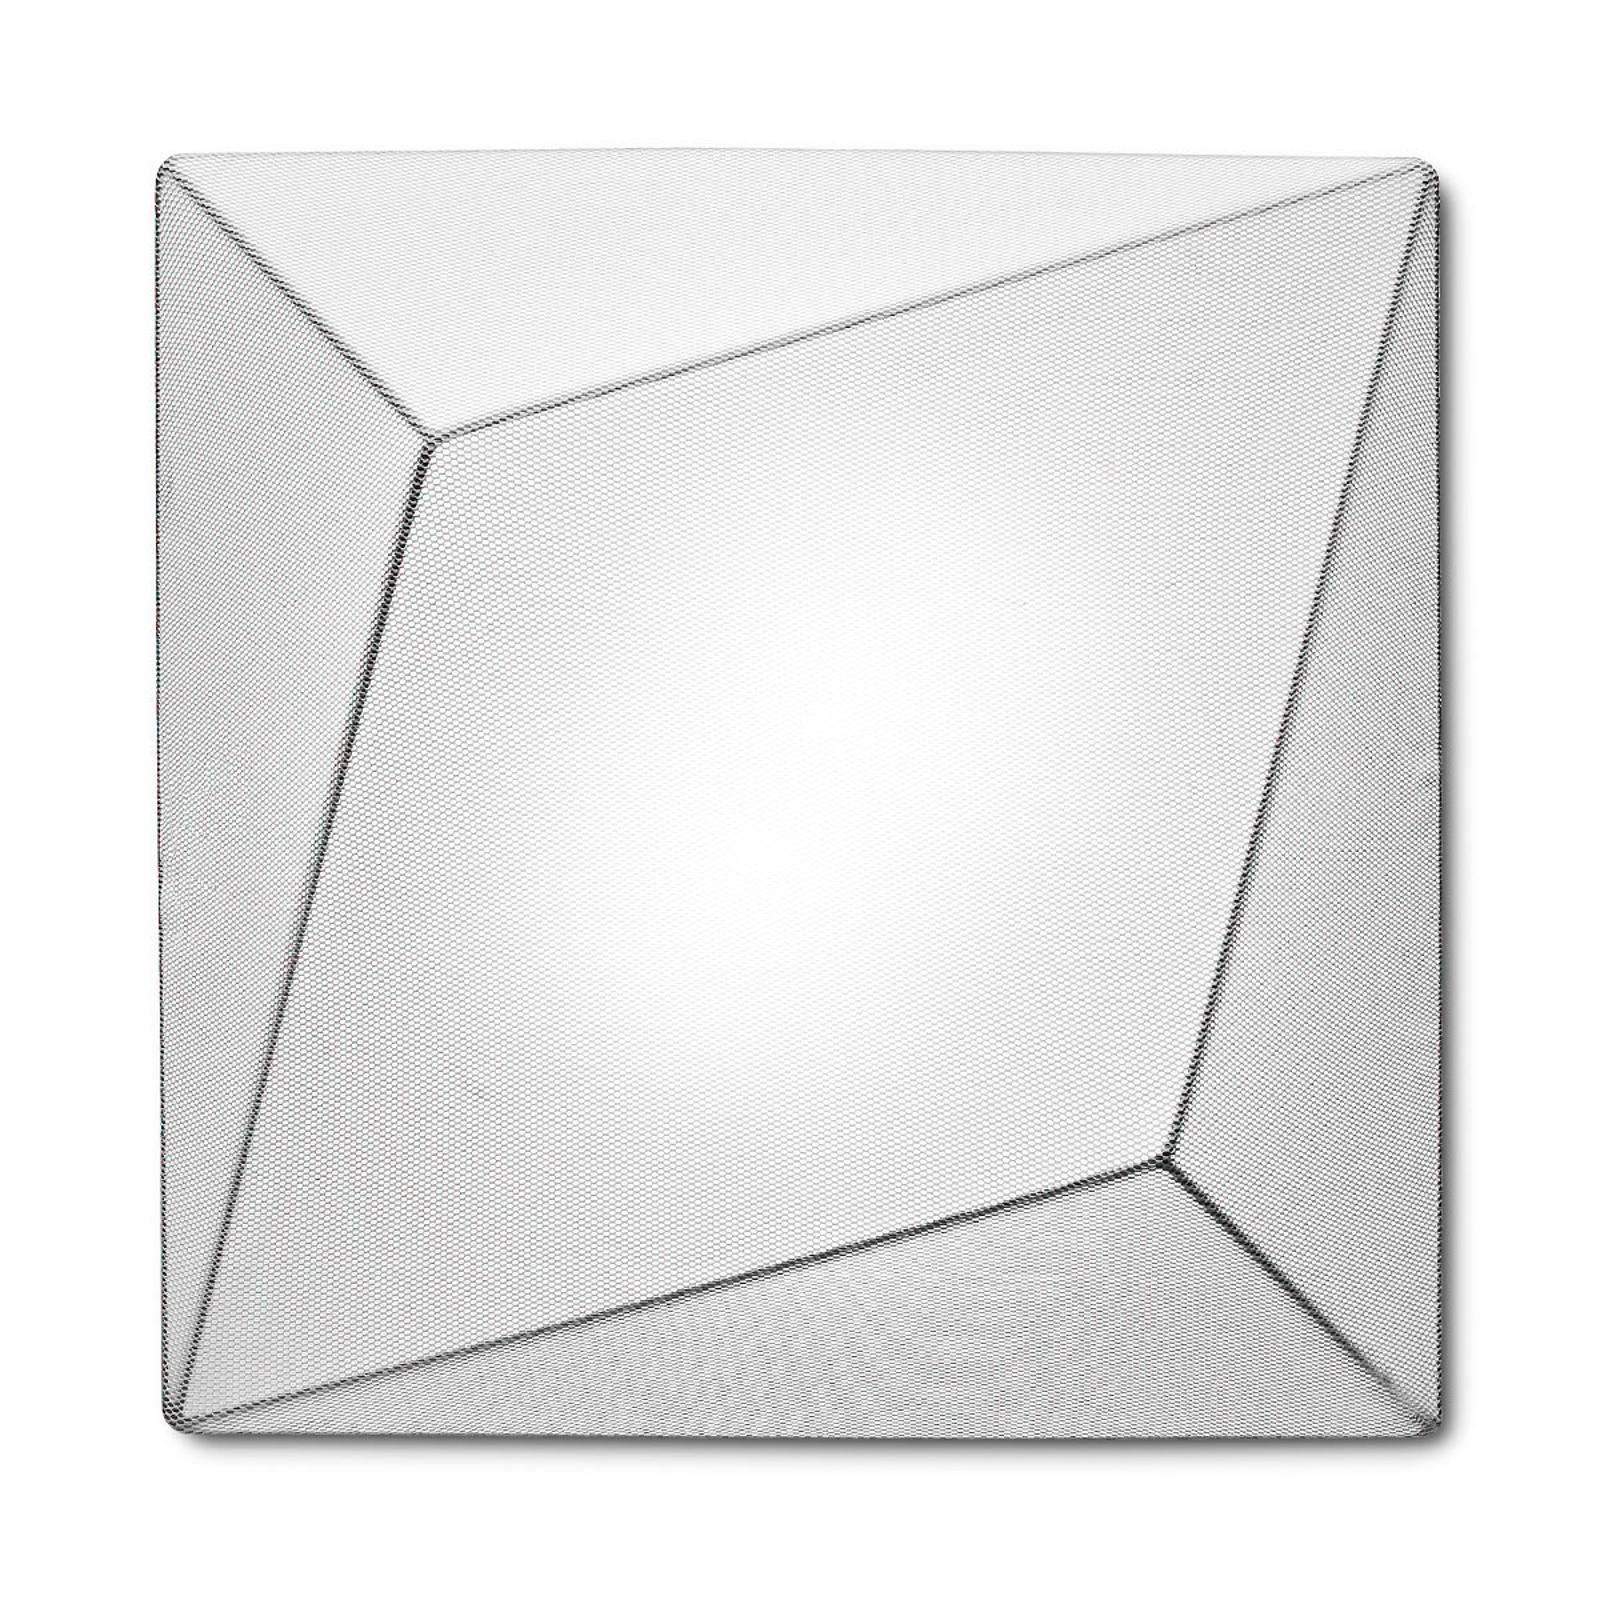 Axolight Ukiyo Textil-Deckenlampe weiß 55 cm